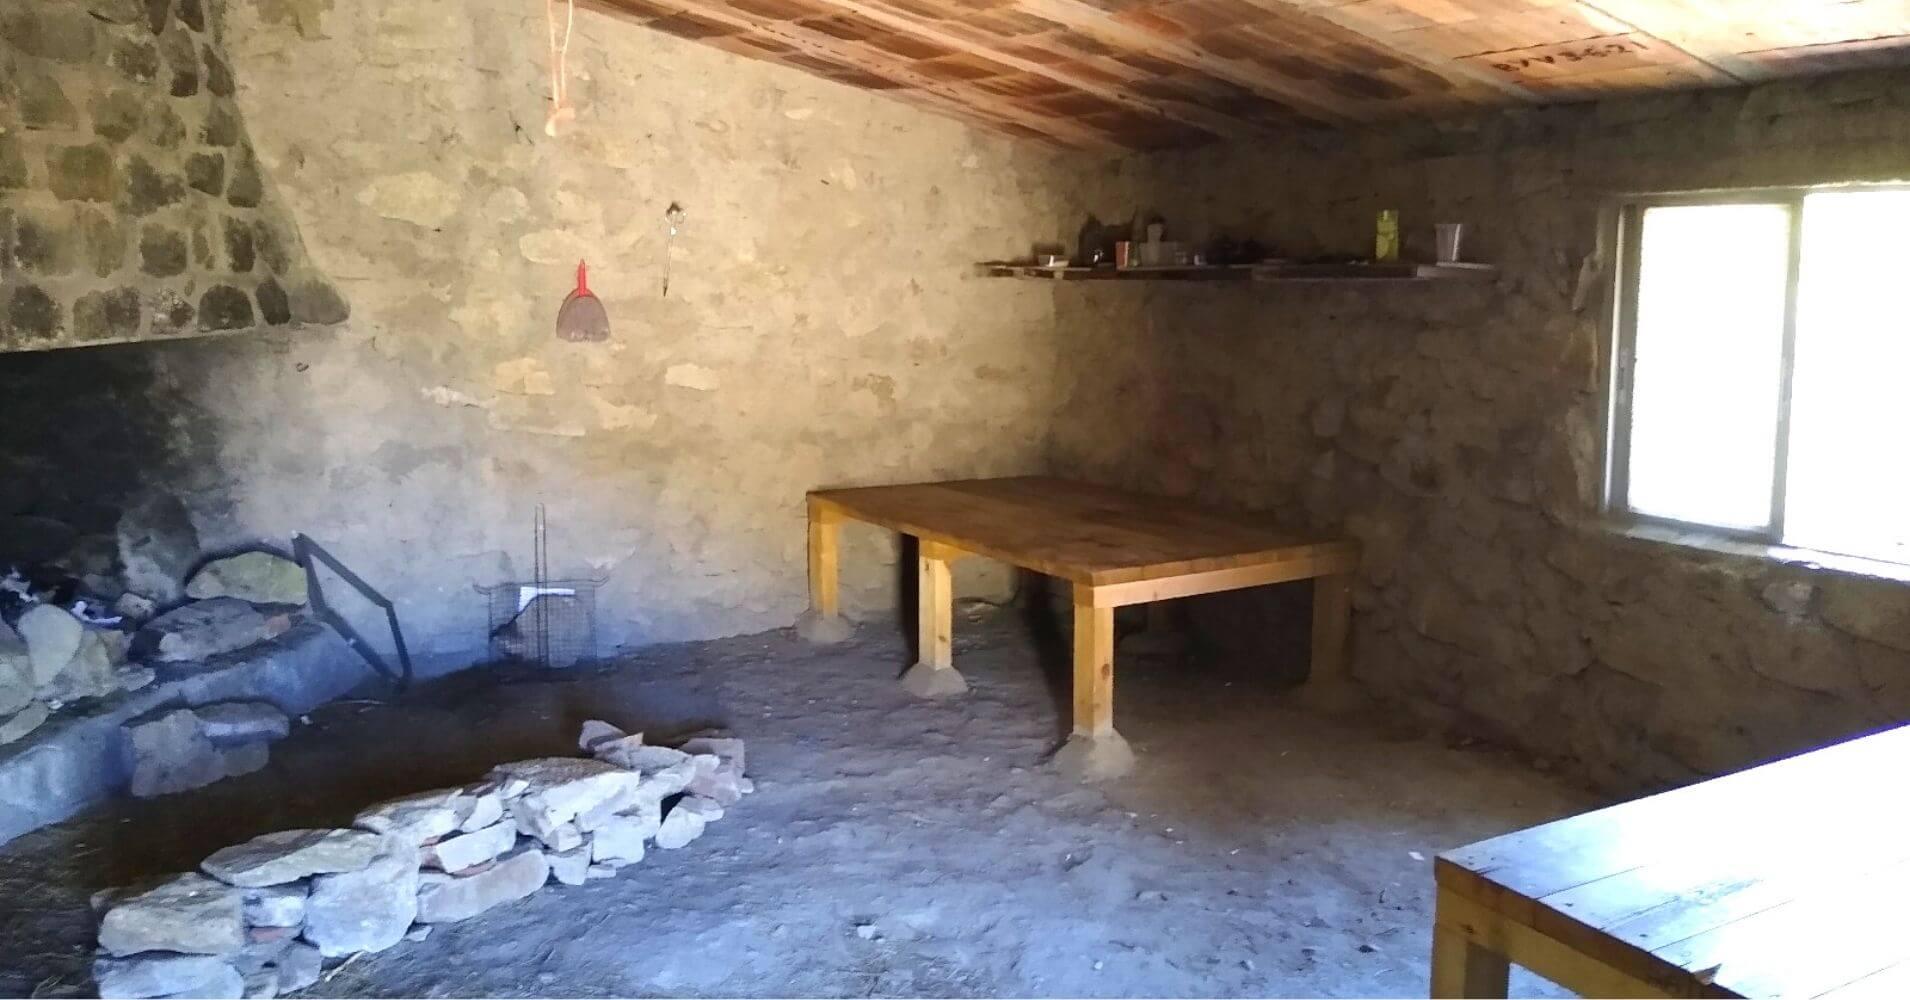 Refugio Pastoril Navacasera. Garganta de La Nava del Barco. Ávila, Castilla y León.